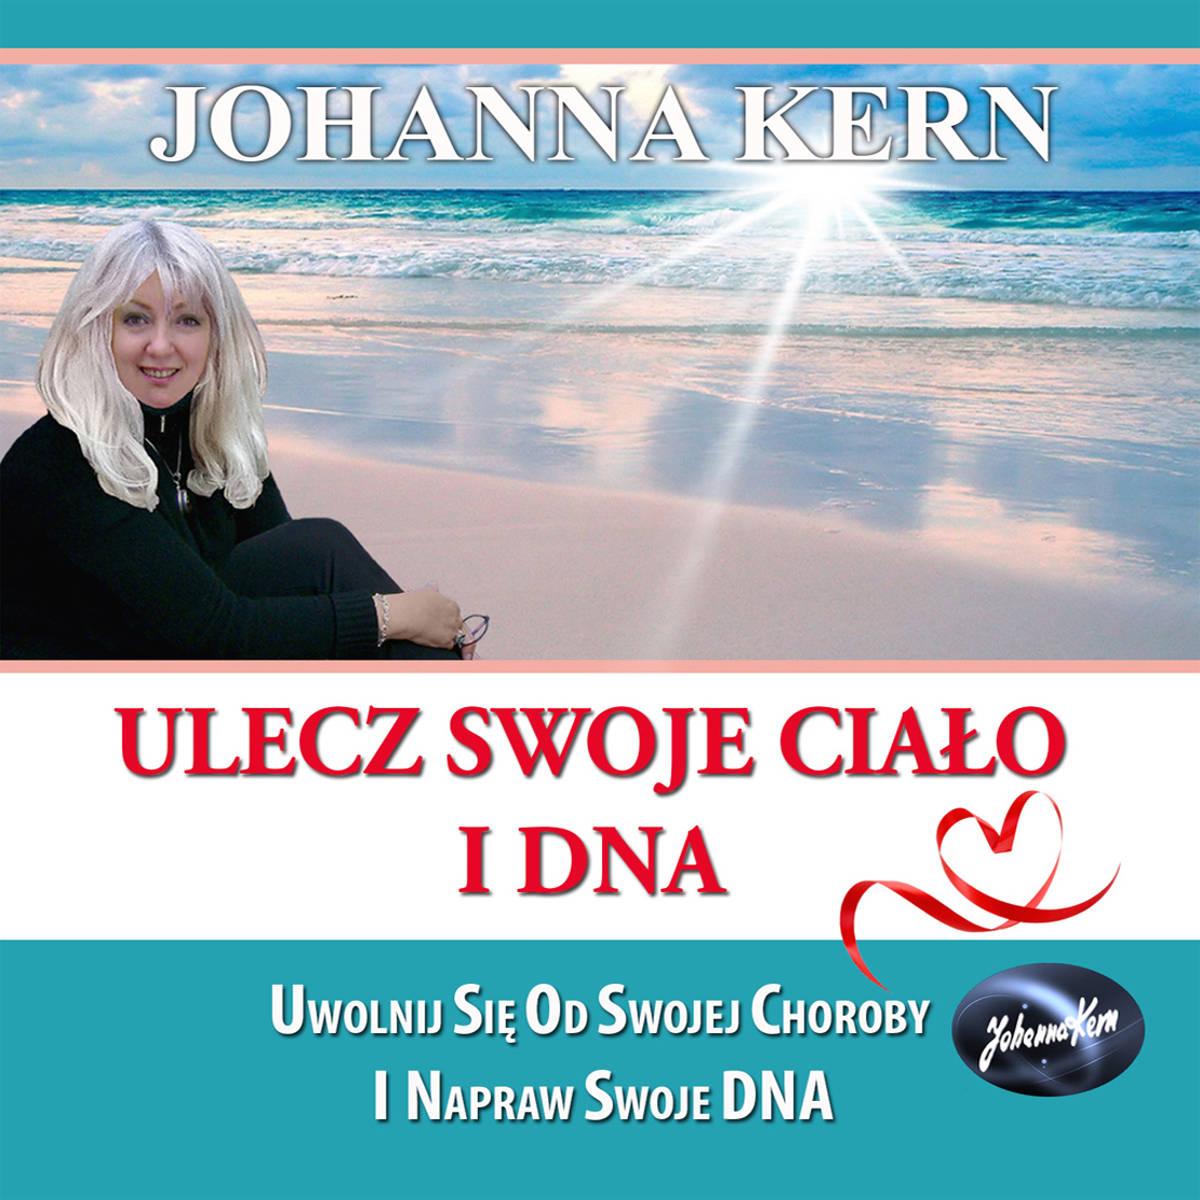 Ulecz swoje ciało i DNA: Uwolnij się od swojej choroby i napraw swoje DNA – PŁYTA CD